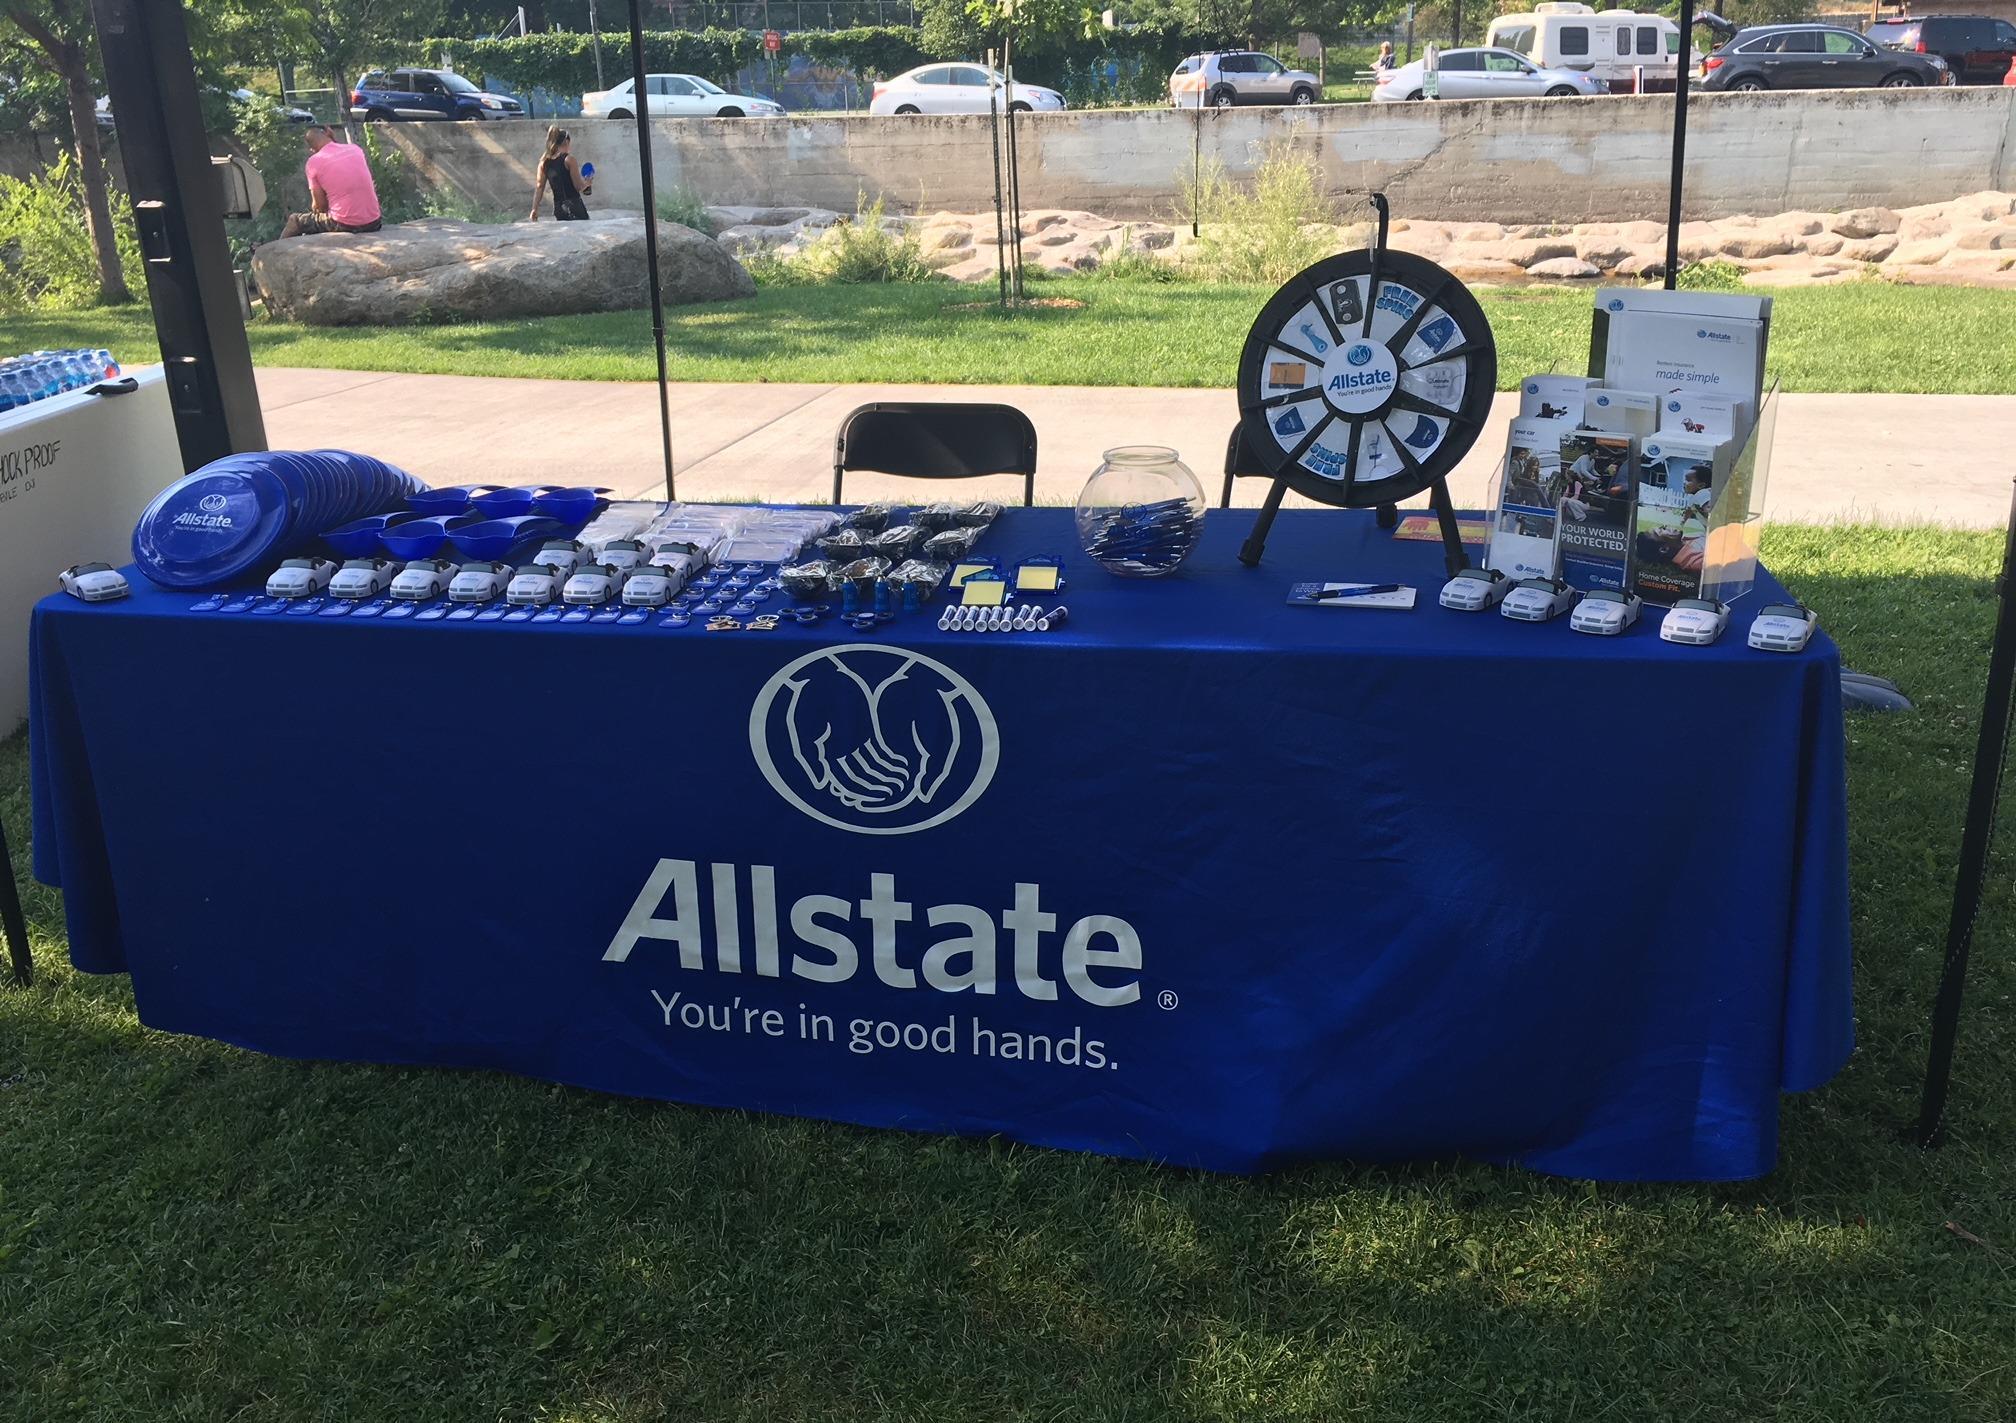 Bearden Insurance Group Inc: Allstate Insurance image 8